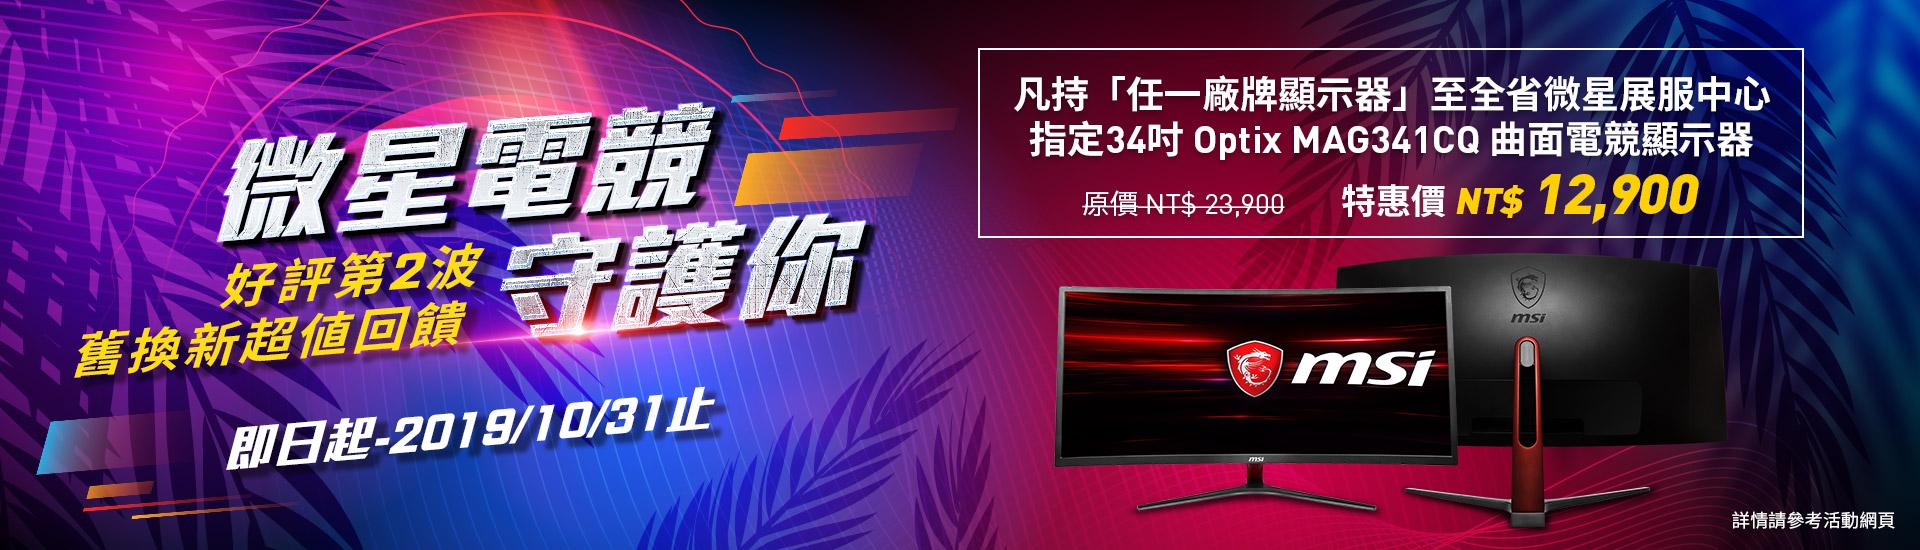 Optix MAG341CQ